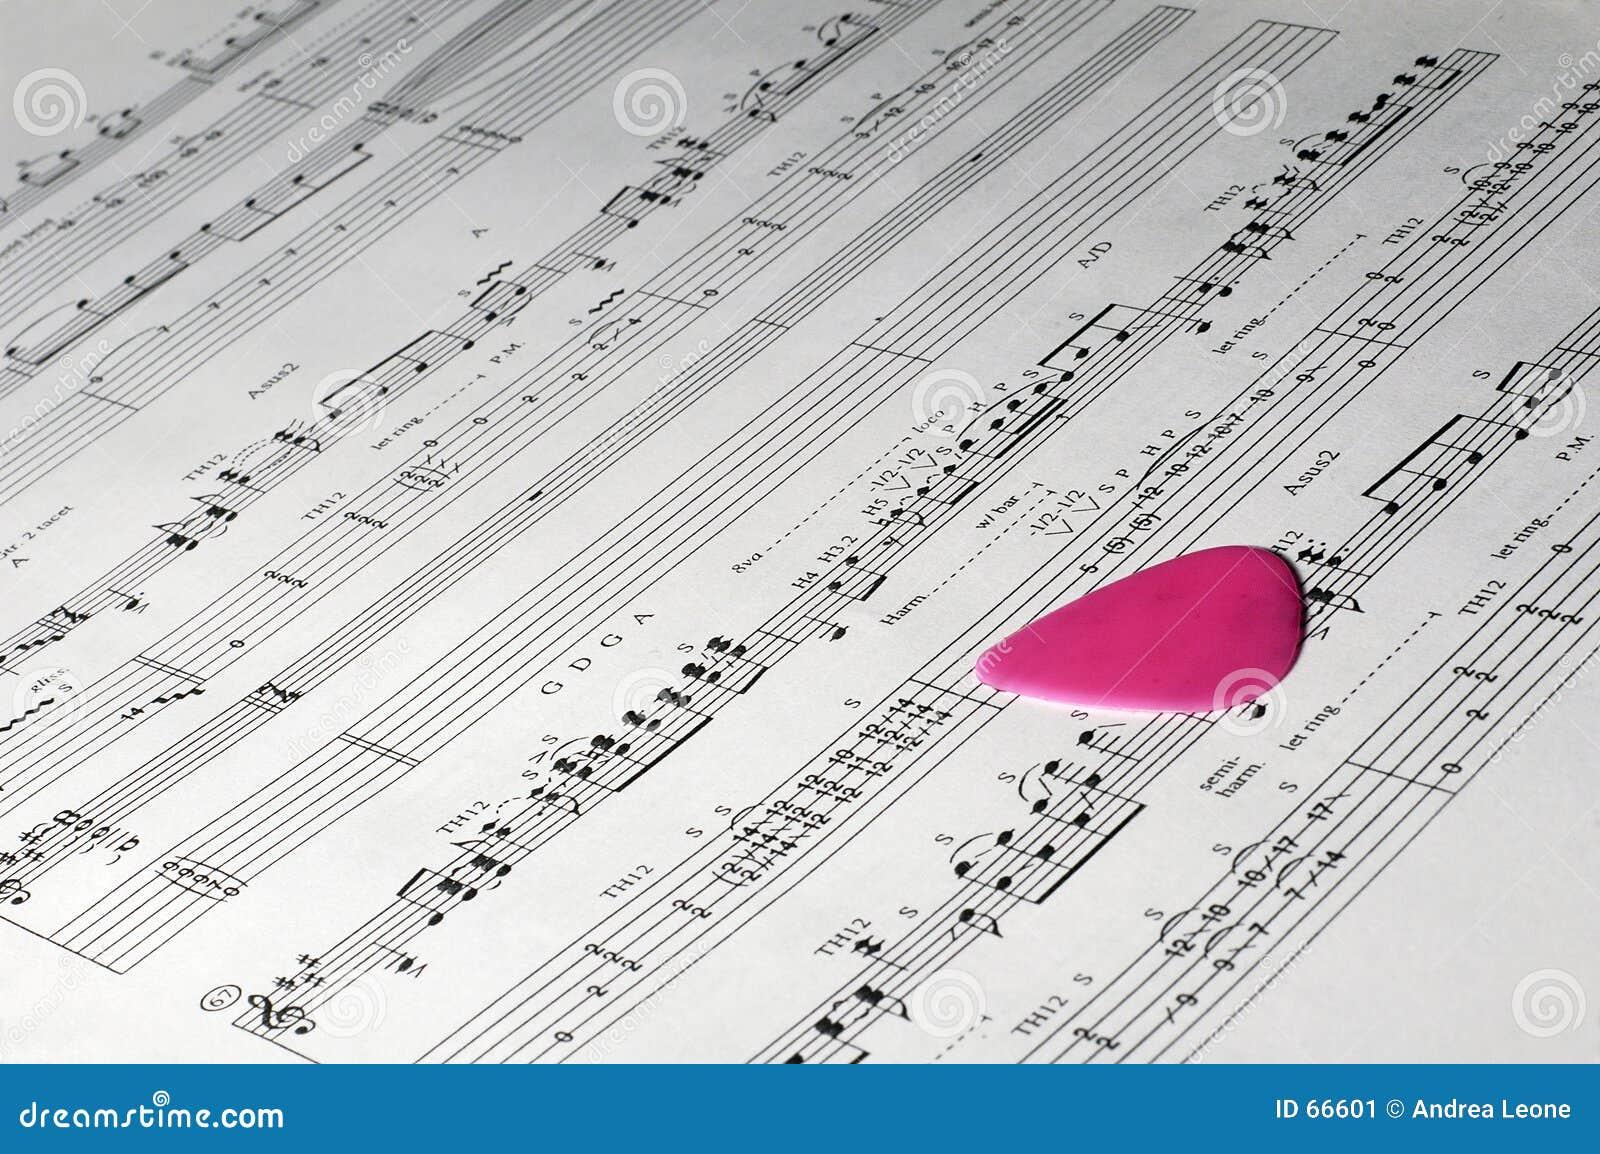 Tablature da guitarra